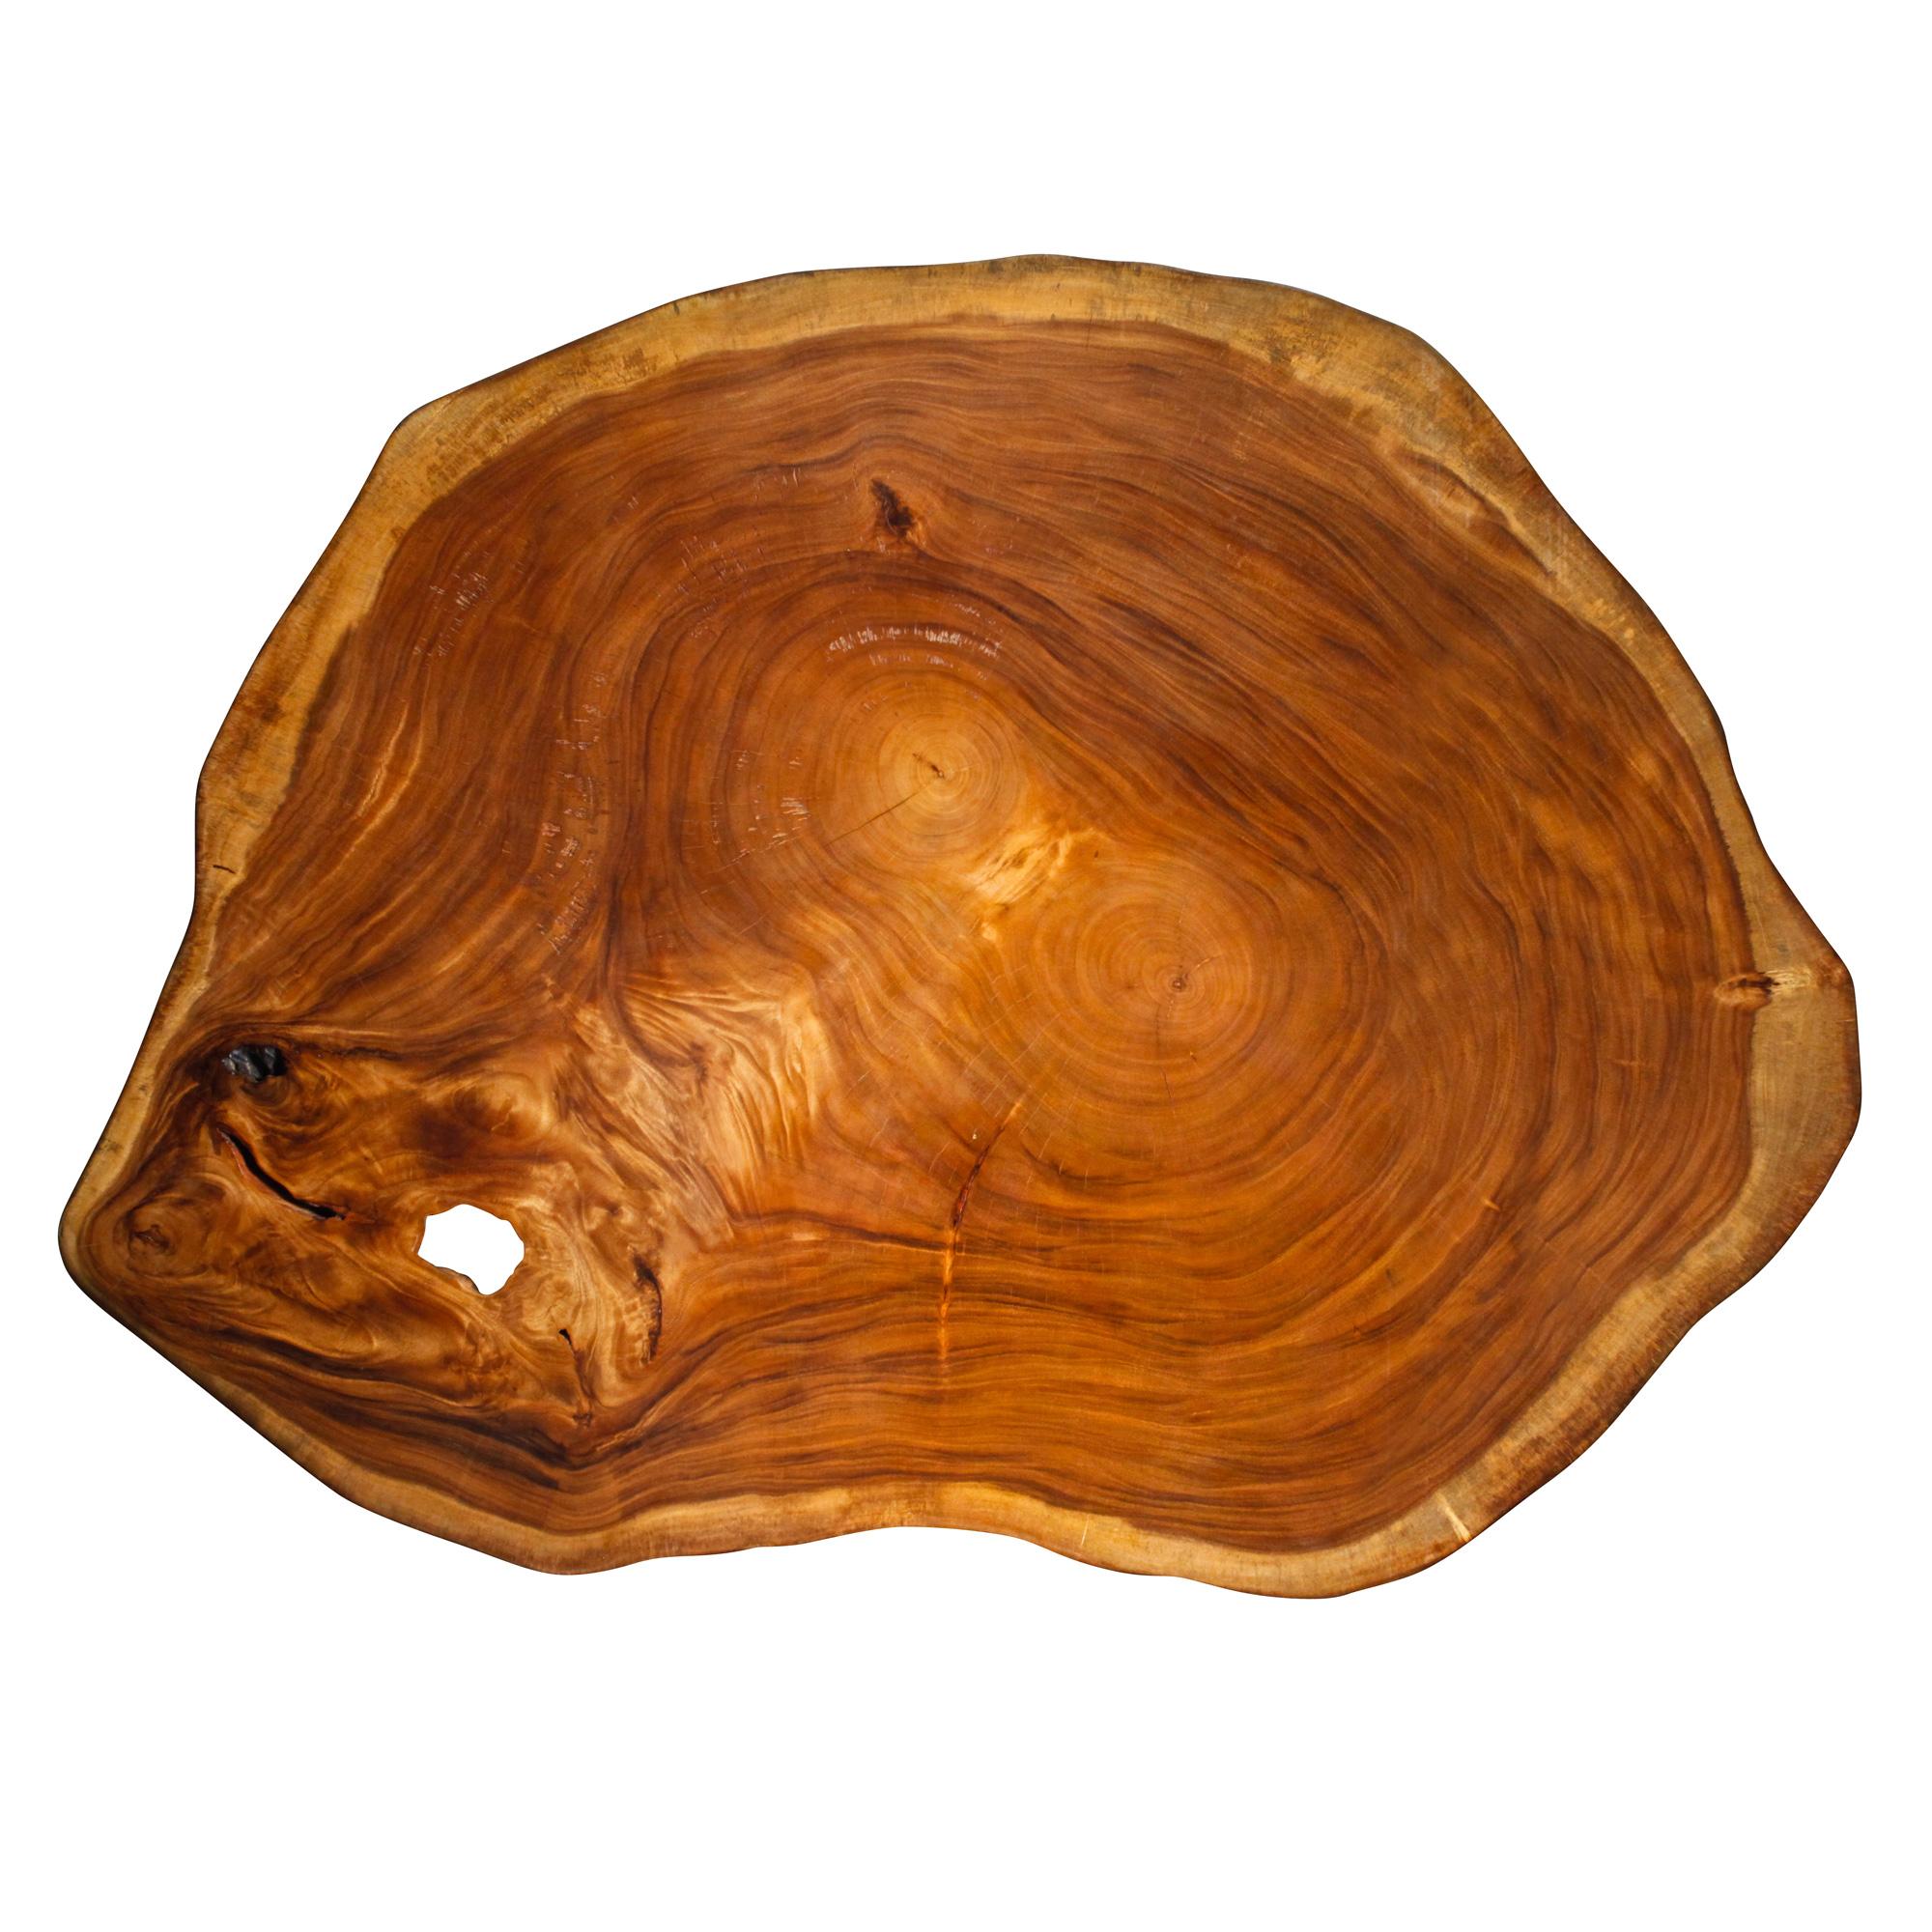 Saman Natural Wood Art - R8